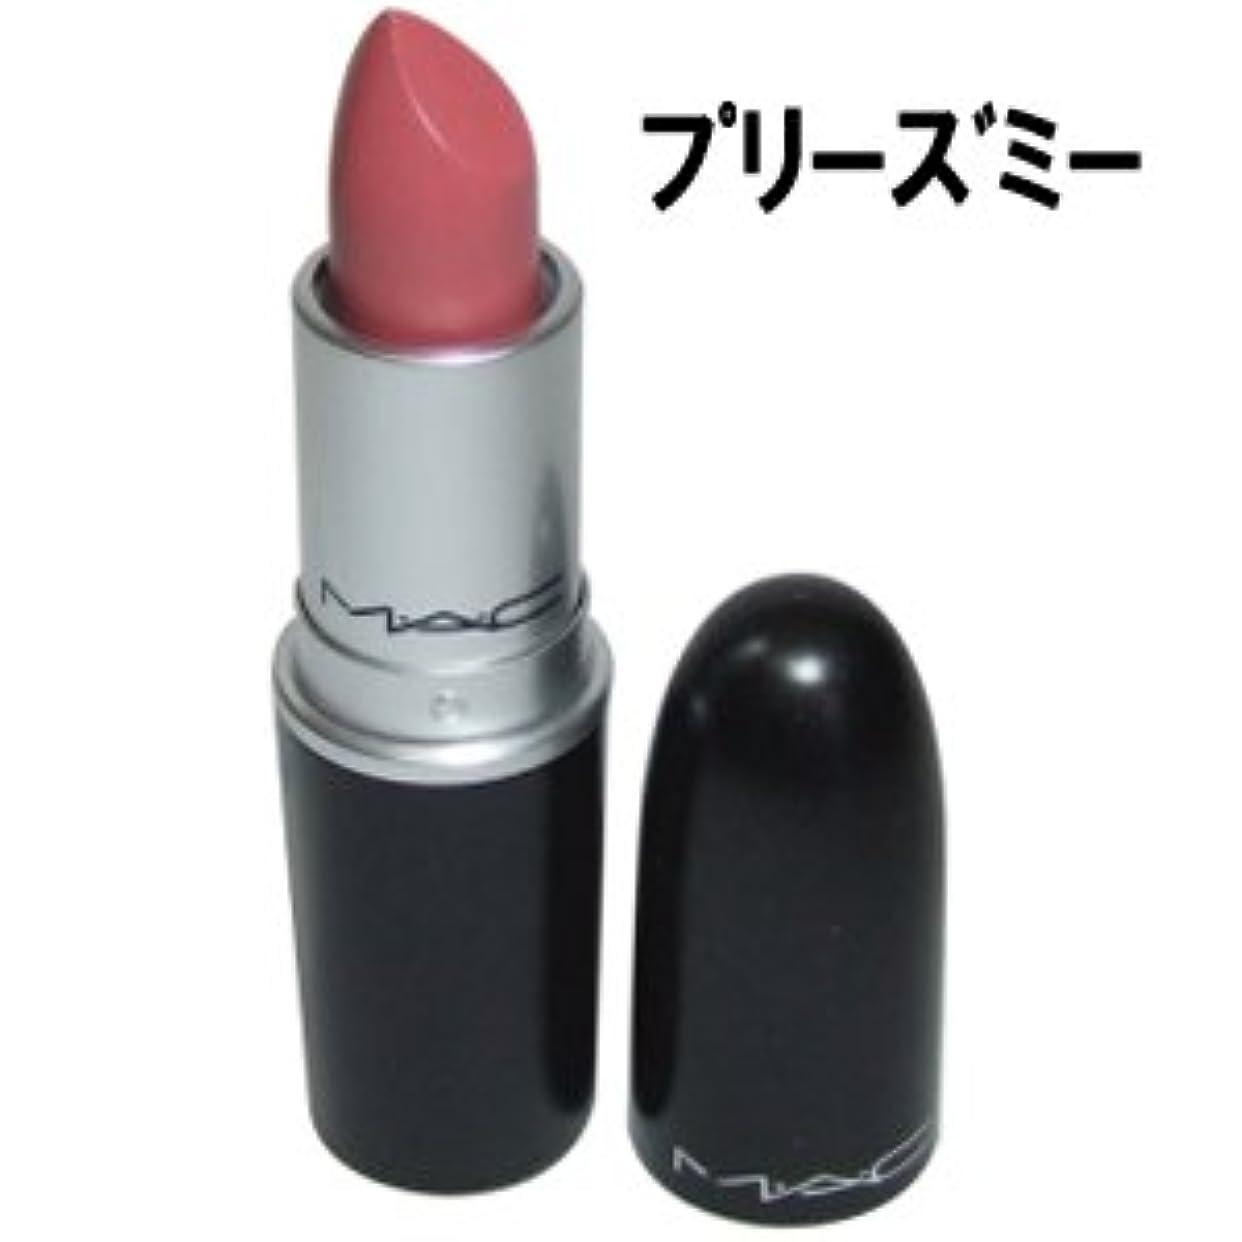 MAC リップ リップスティック #プリーズ ミー 【並行輸入品】